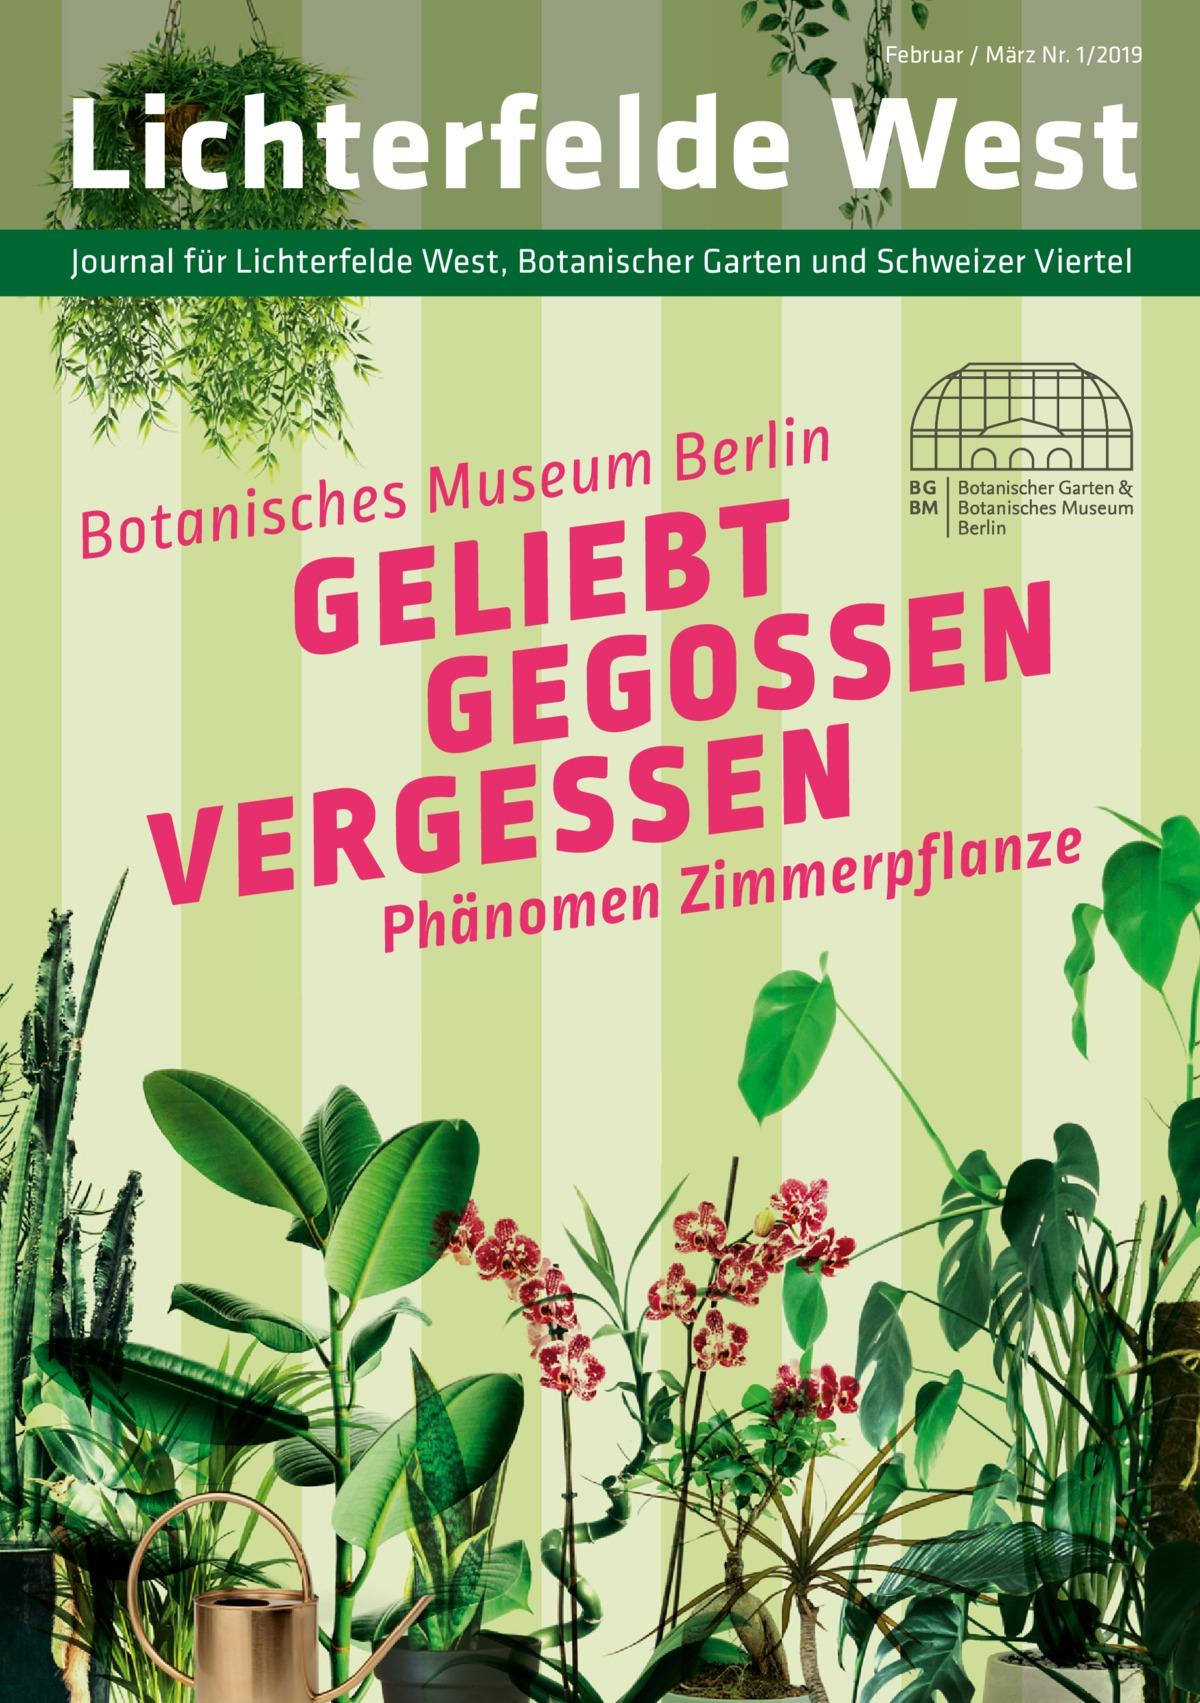 Februar / März Nr. 1/2019  Lichterfelde West Journal für Lichterfelde West, Botanischer Garten und Schweizer Viertel